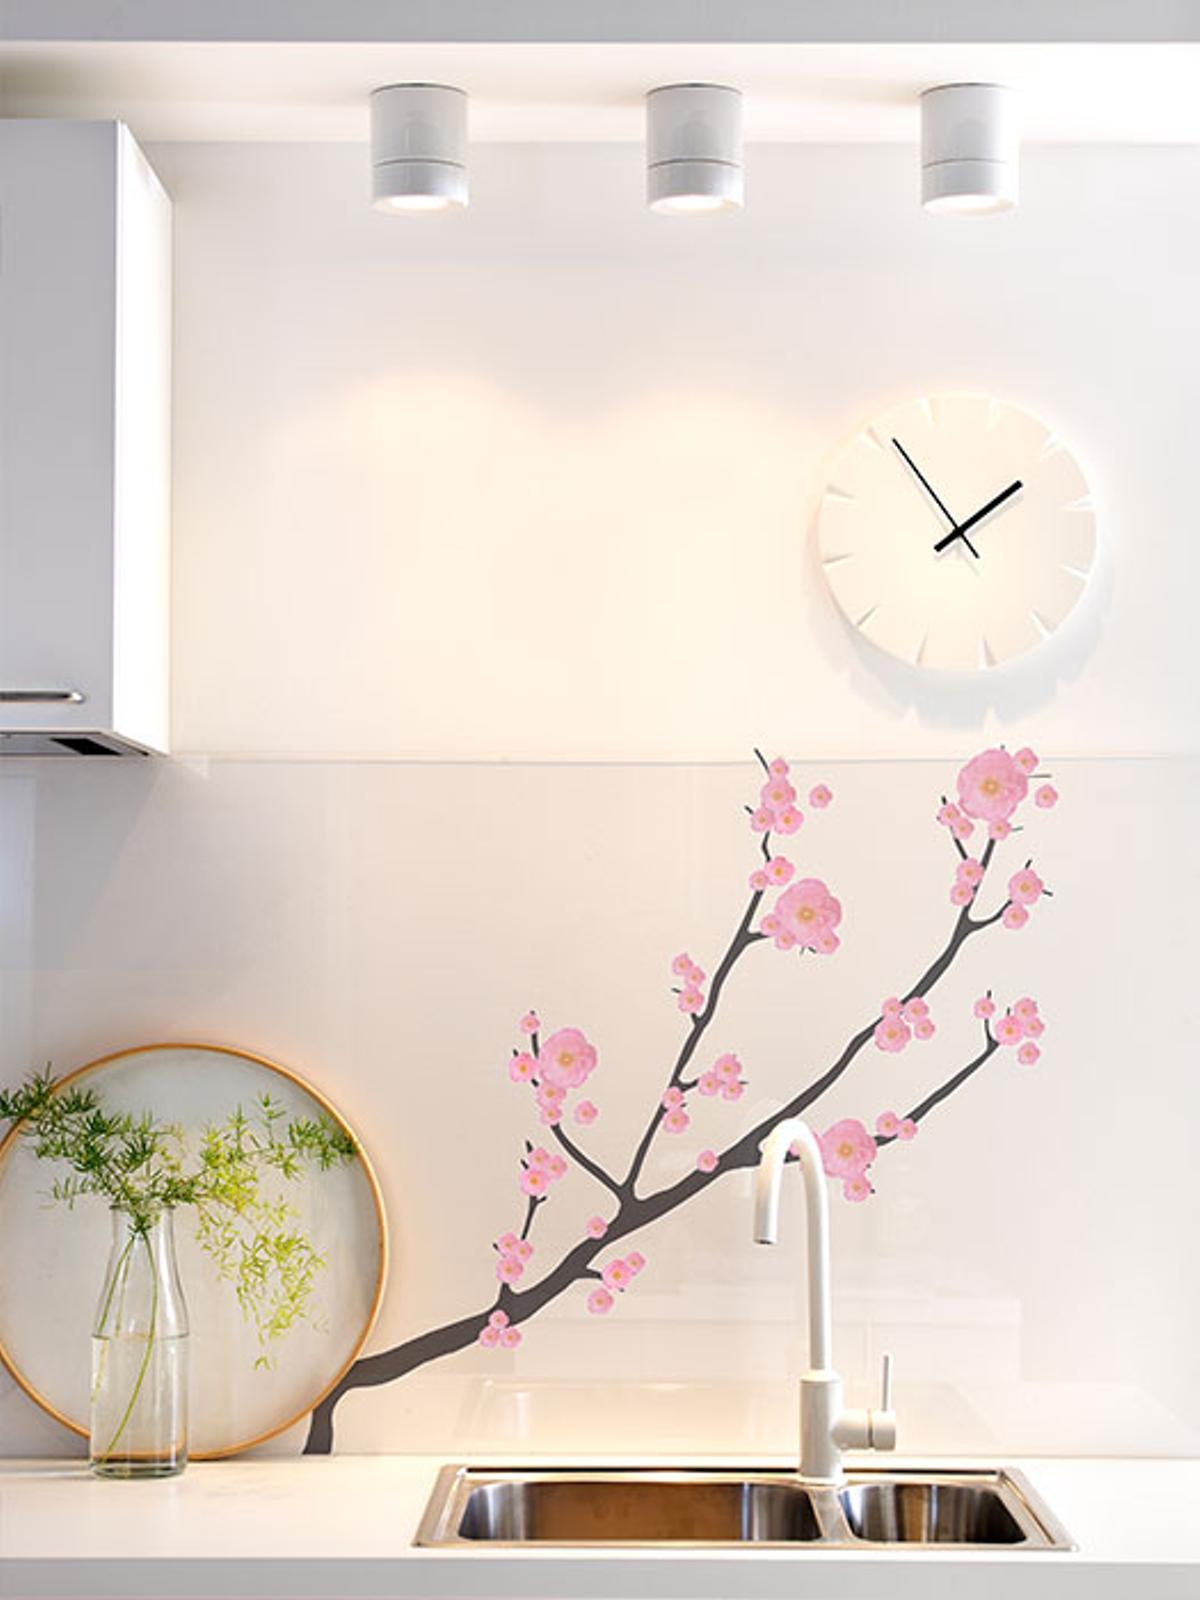 vinilos decorativos de Ikea - mod. SLÄTTHULT rosado